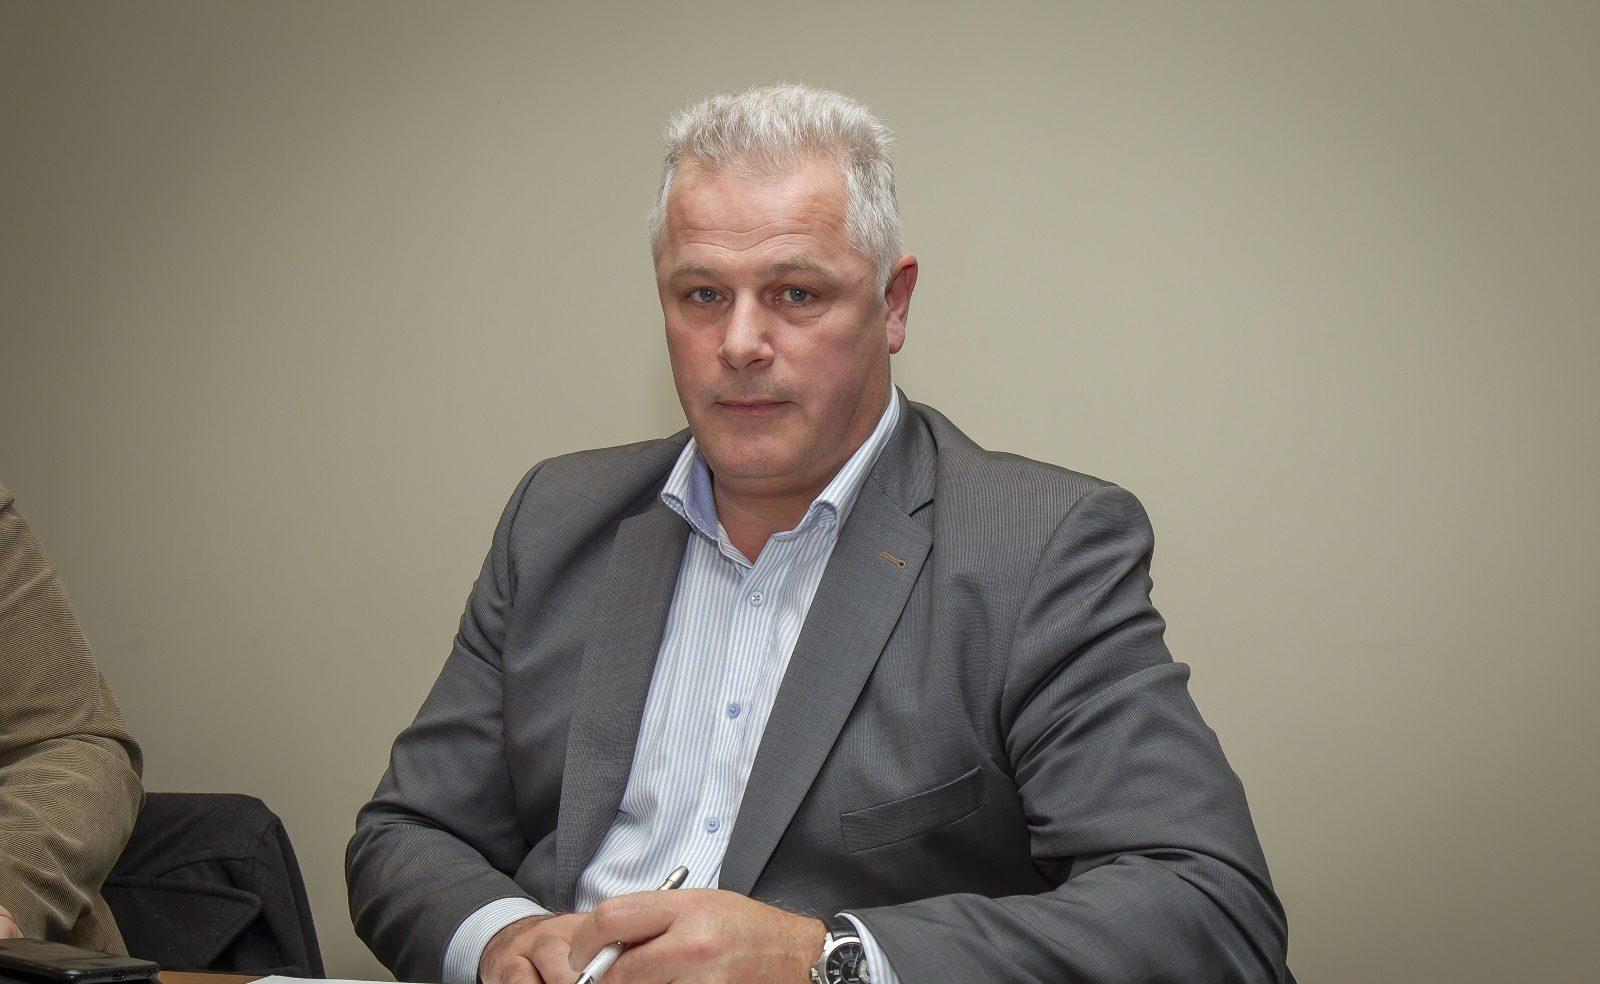 Coalitie voor Veiligheid bekrachtigt samenwerking met officiële oprichting